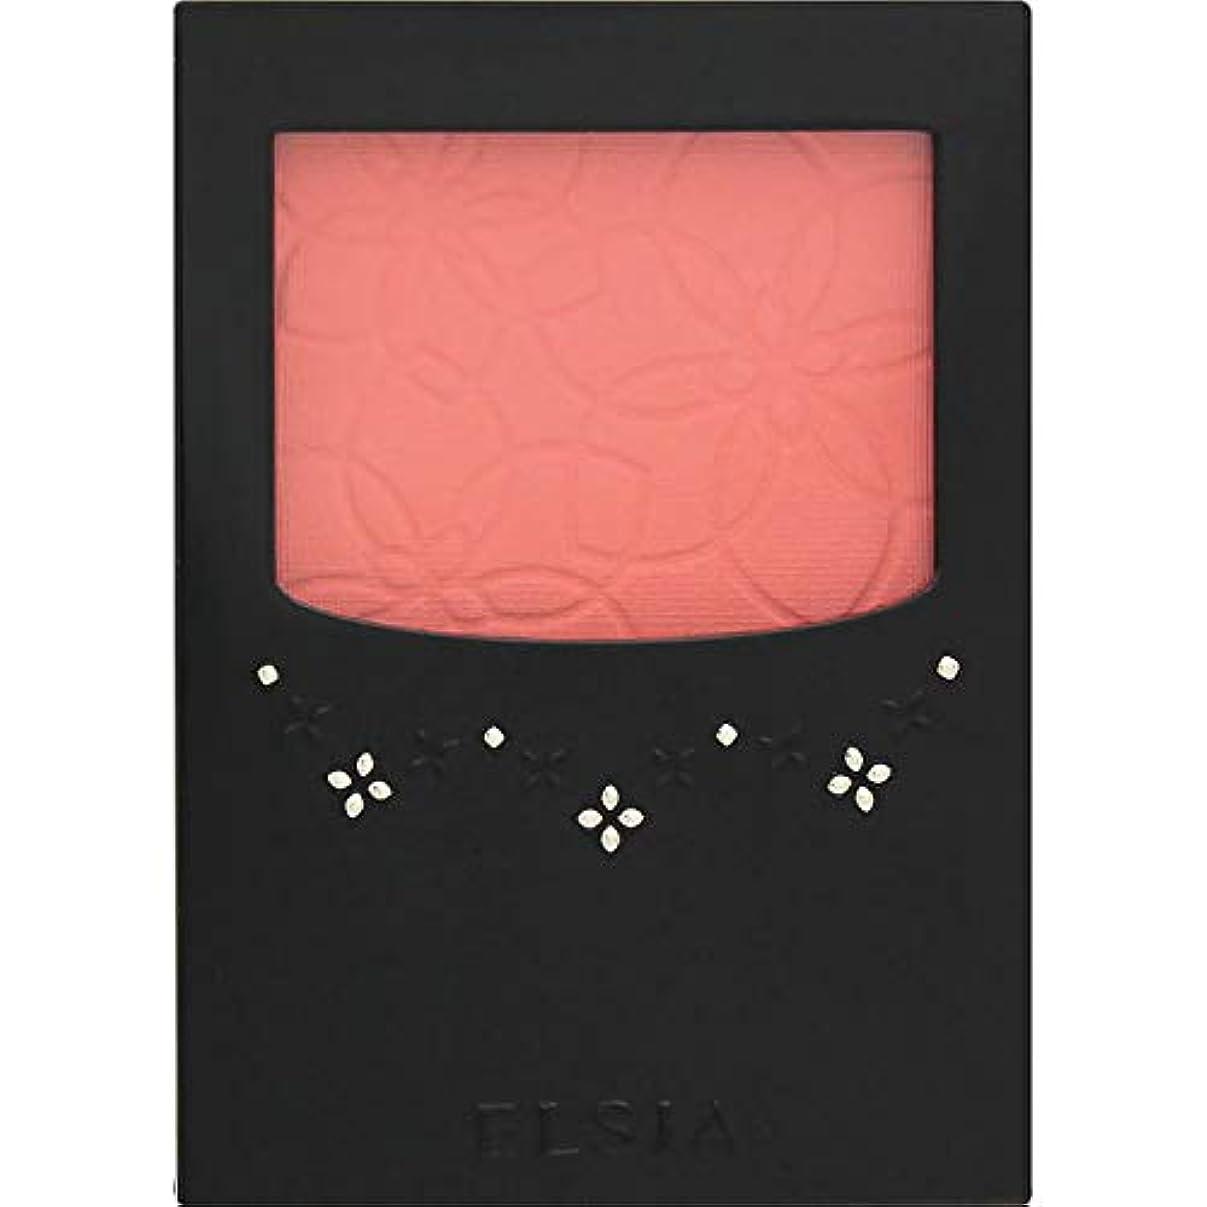 実質的にアルミニウムチキンエルシア プラチナム 明るさ&血色アップ チークカラー ピンク系 PK800 3.5g